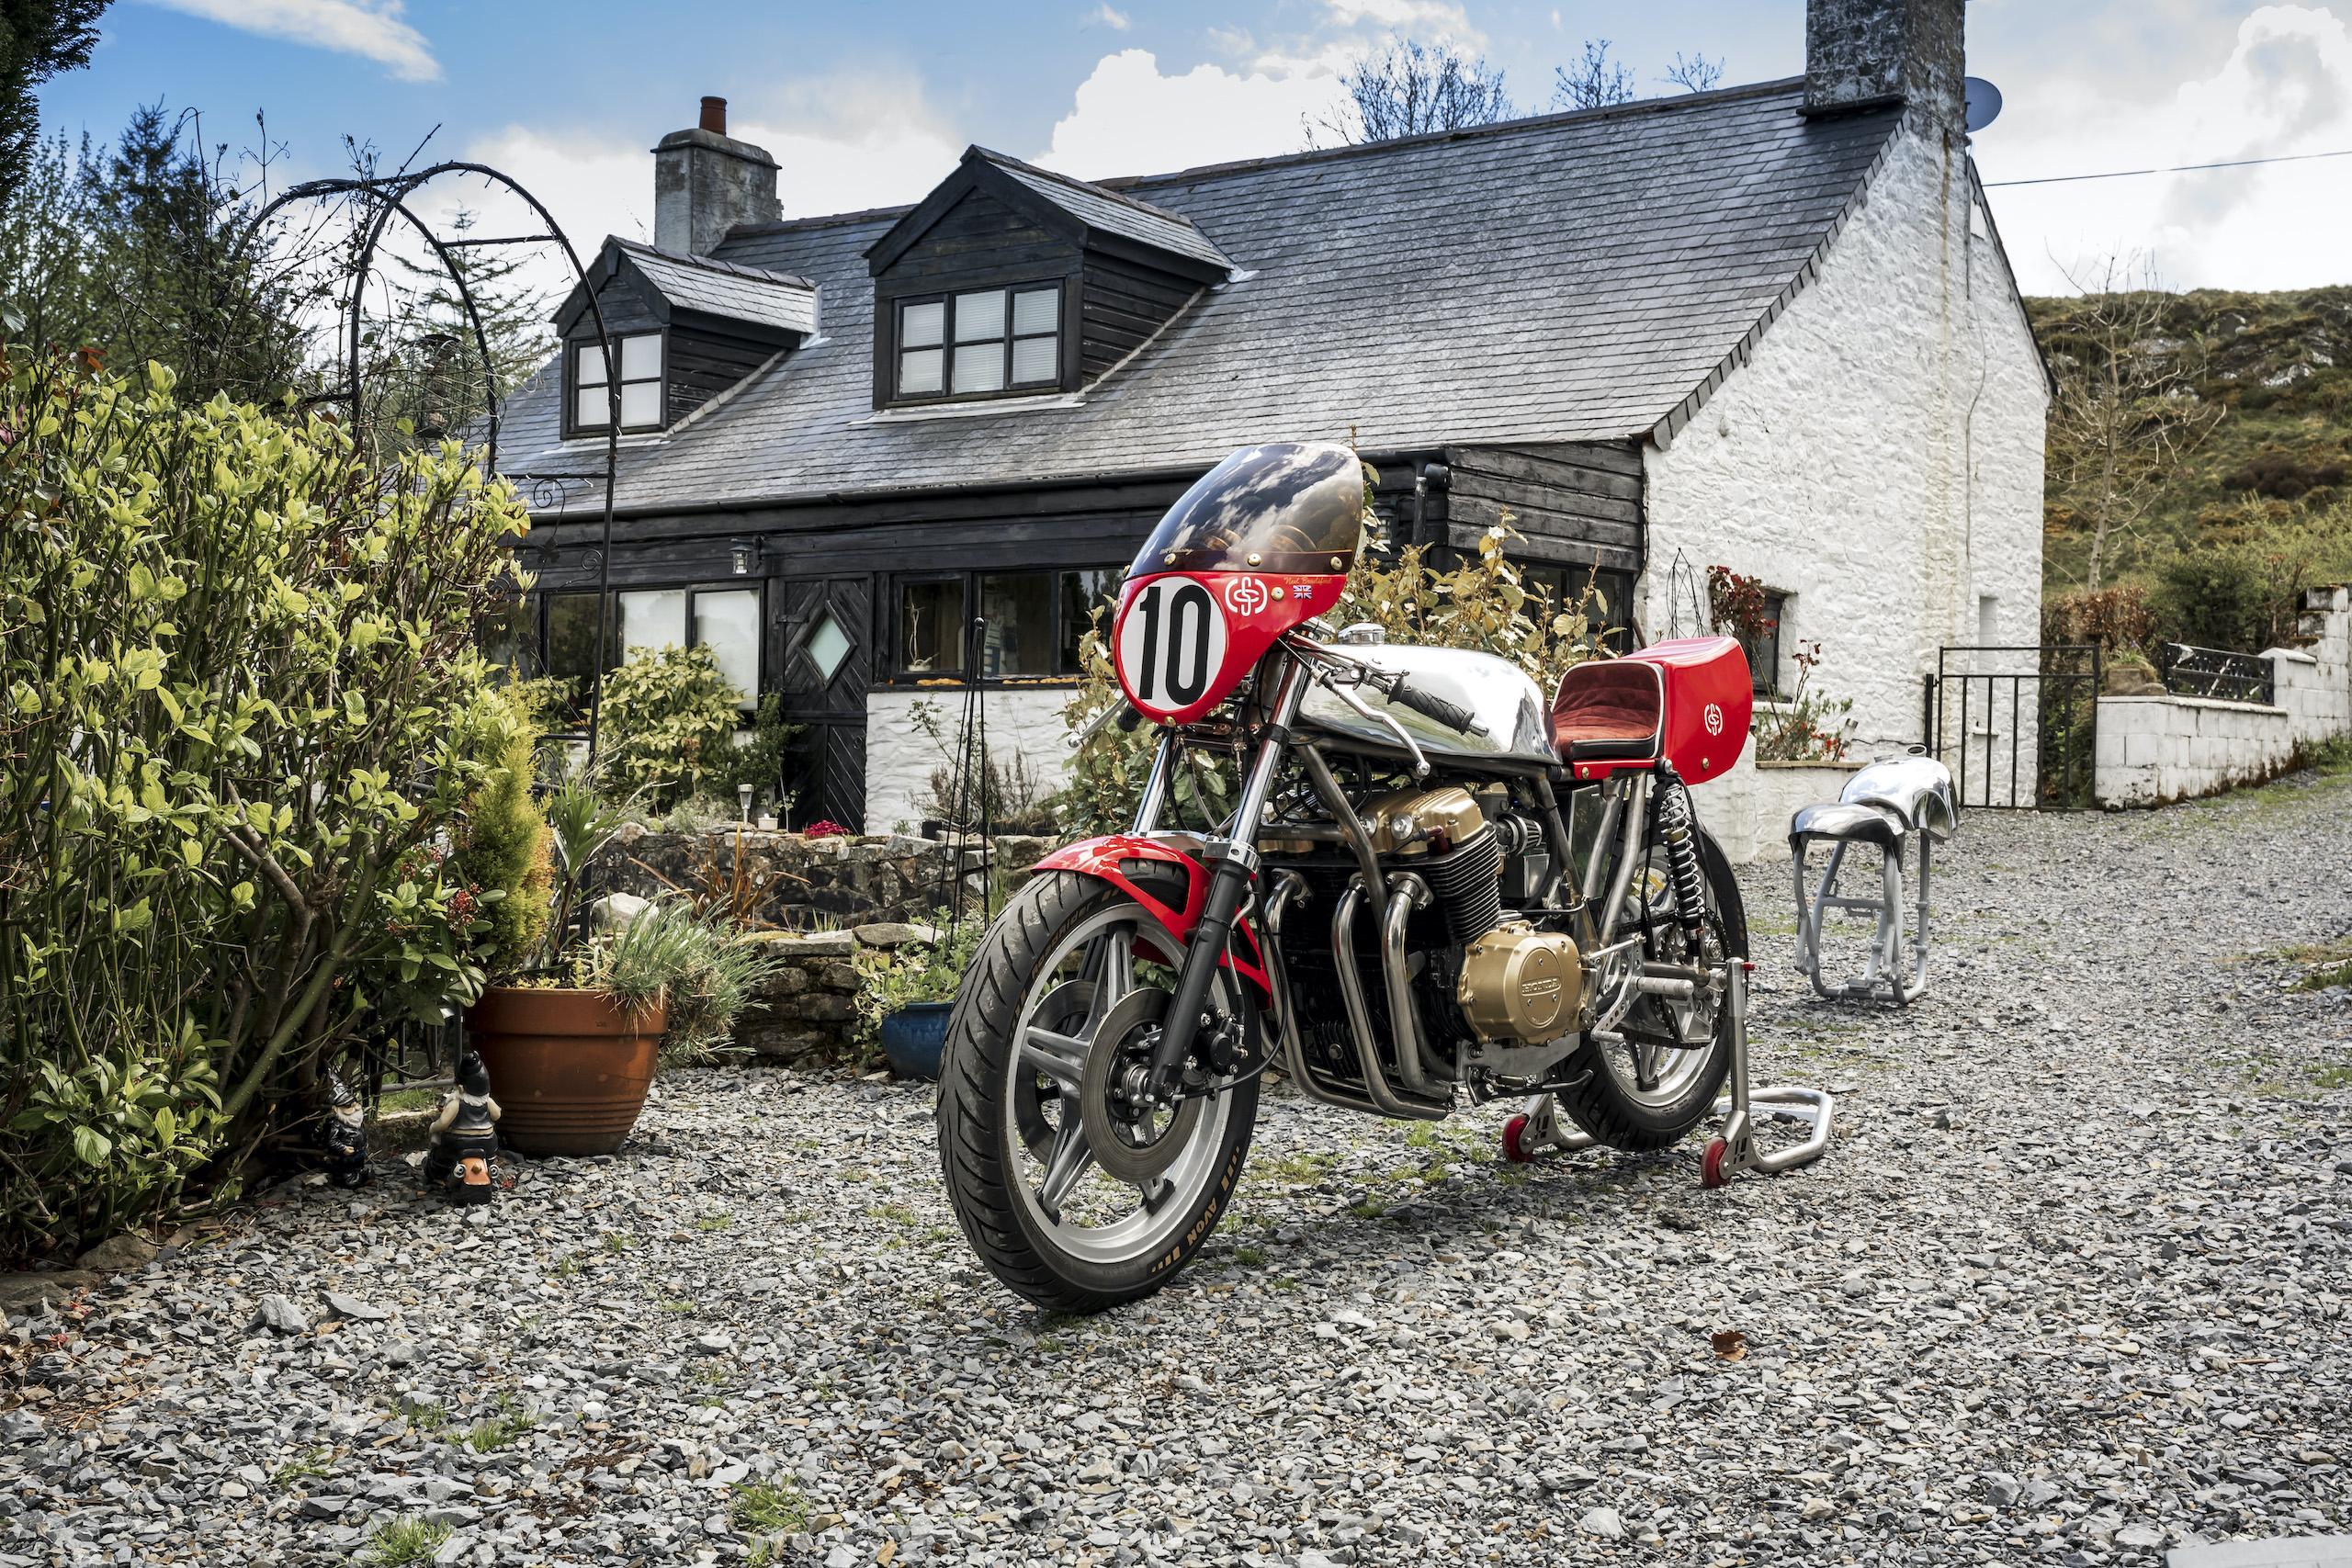 TAB II Classics finished motorbike front three-quarter